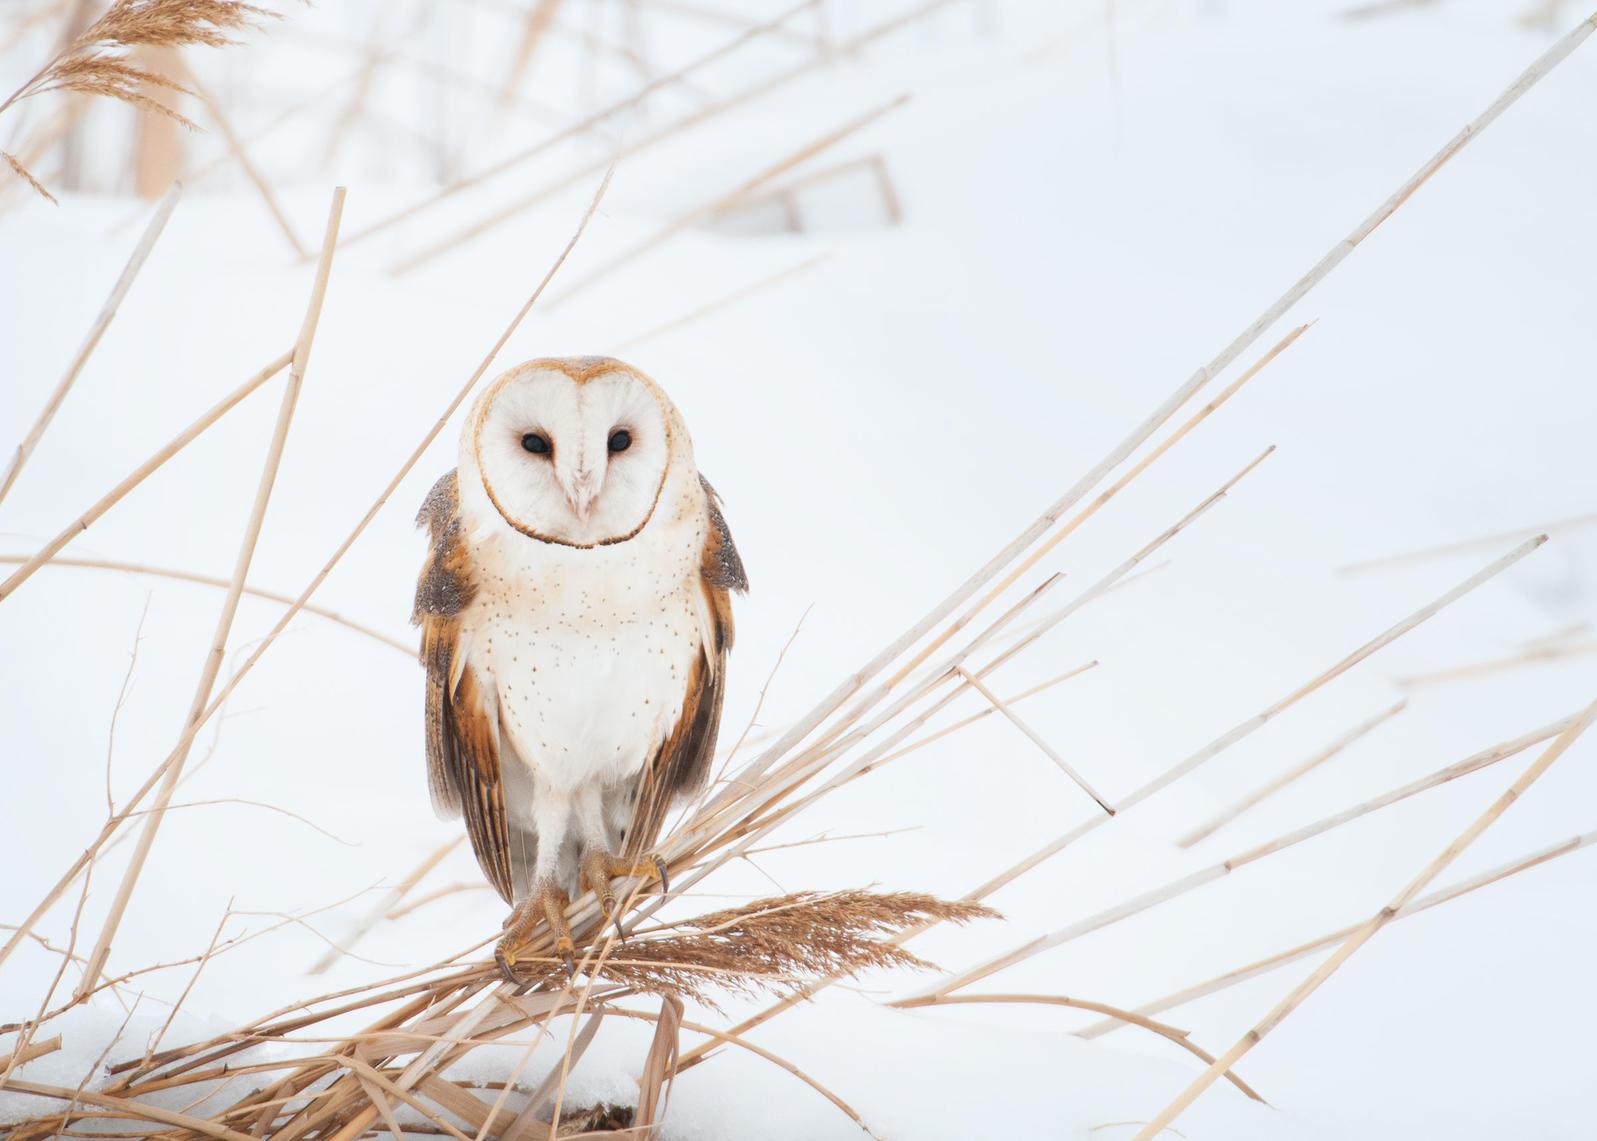 Barn Owl. Mia Mcpherson